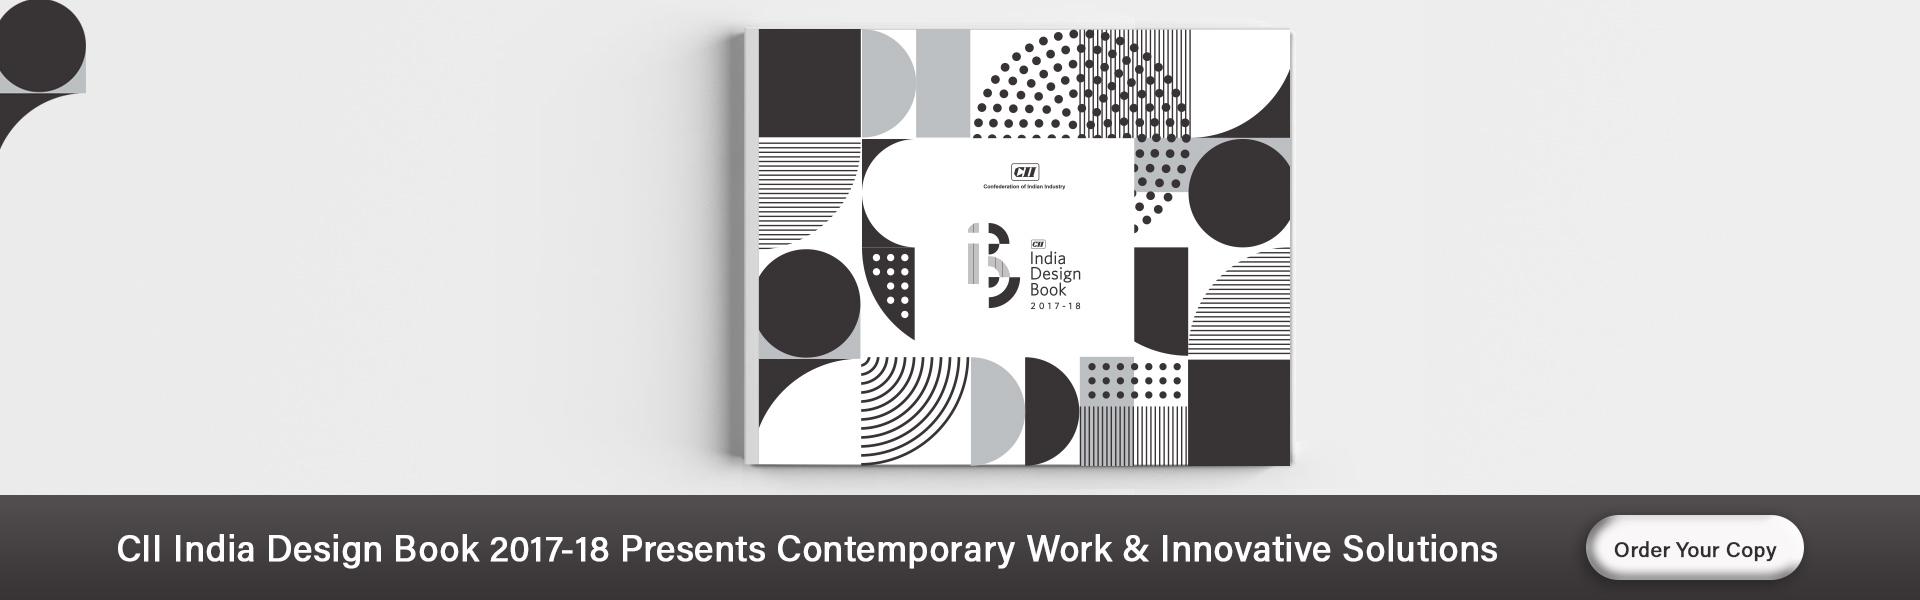 india-design-book-2017-18